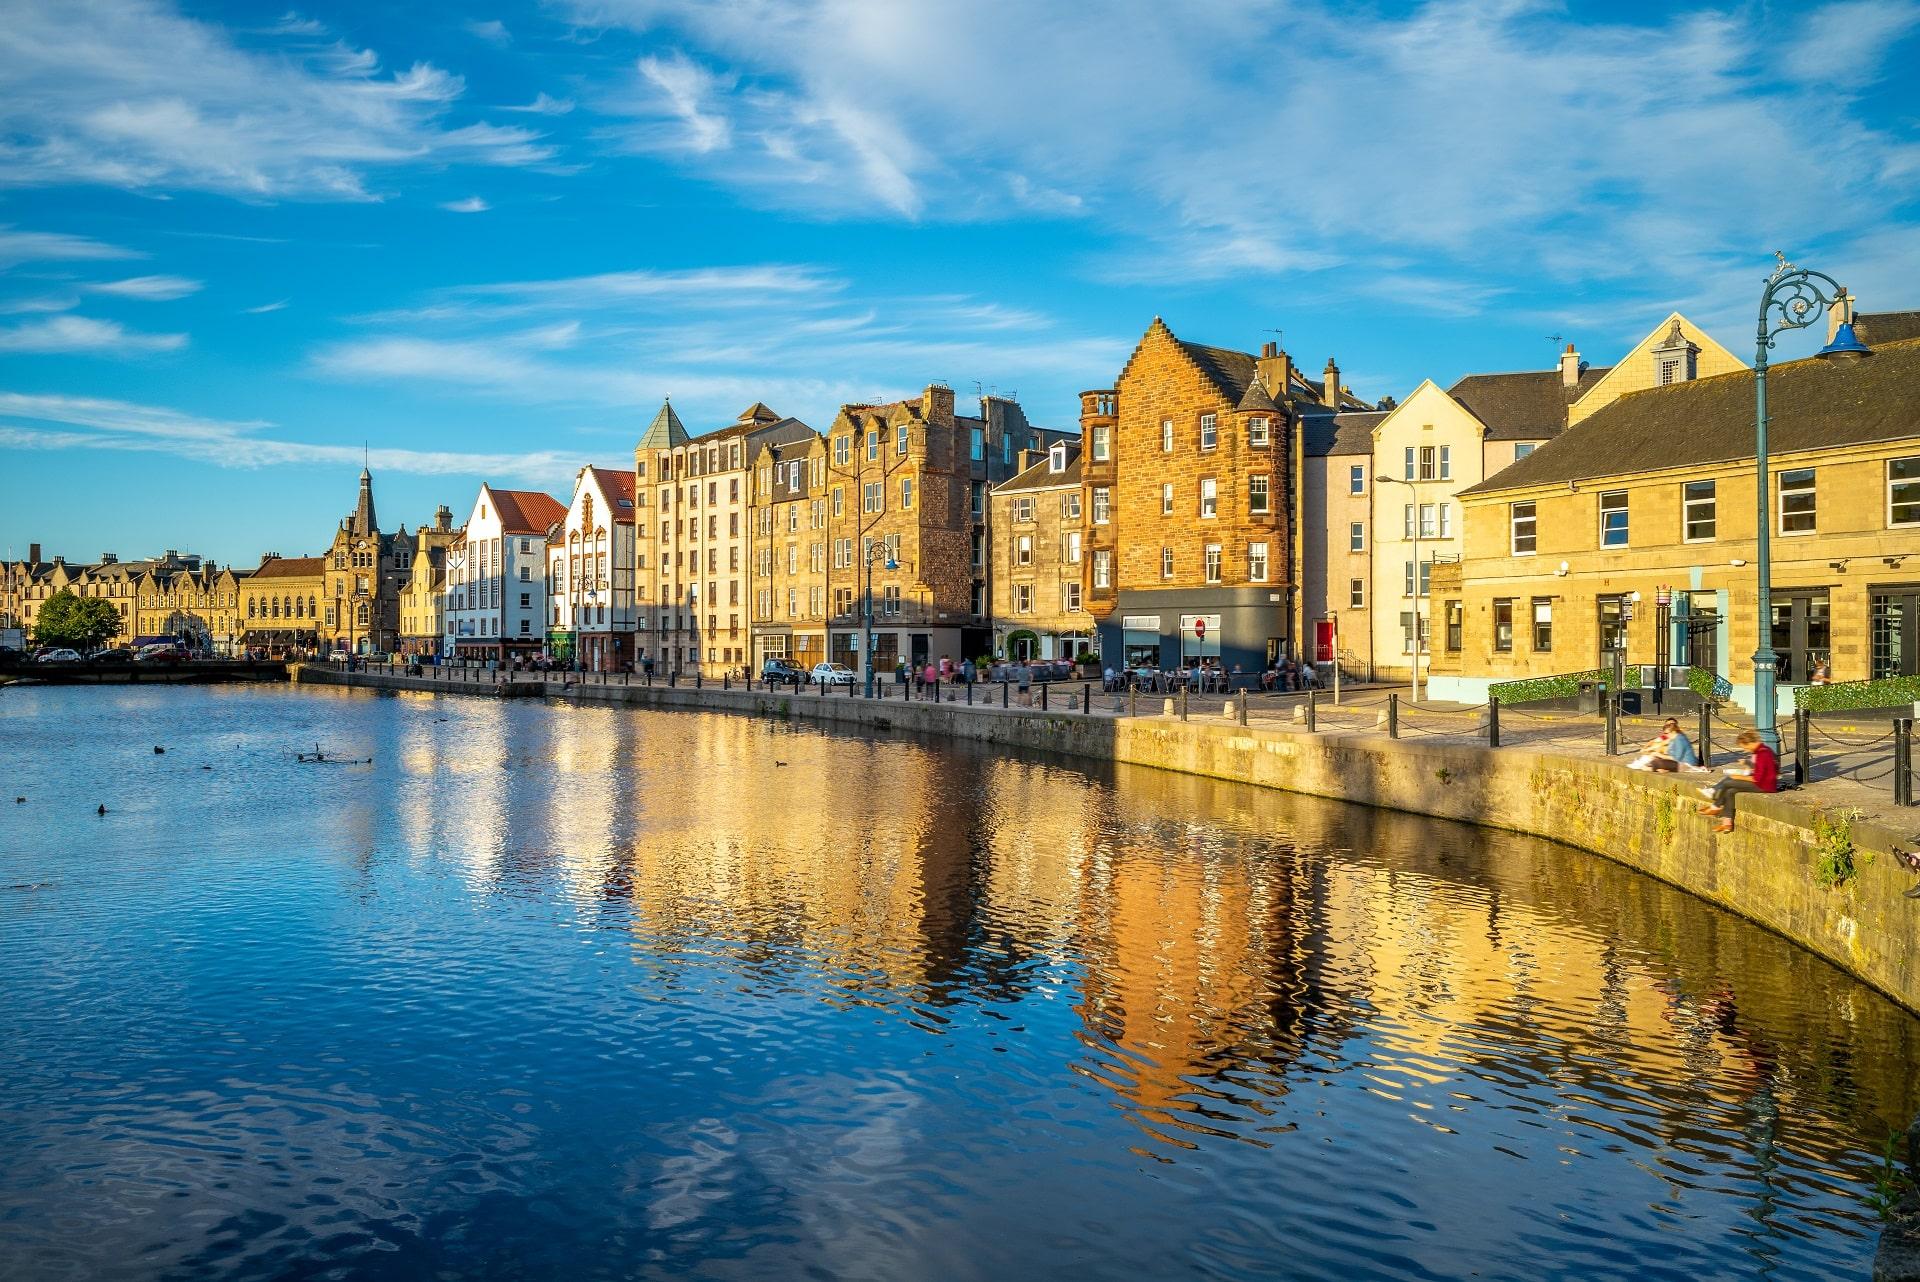 Leith-scotland-054212